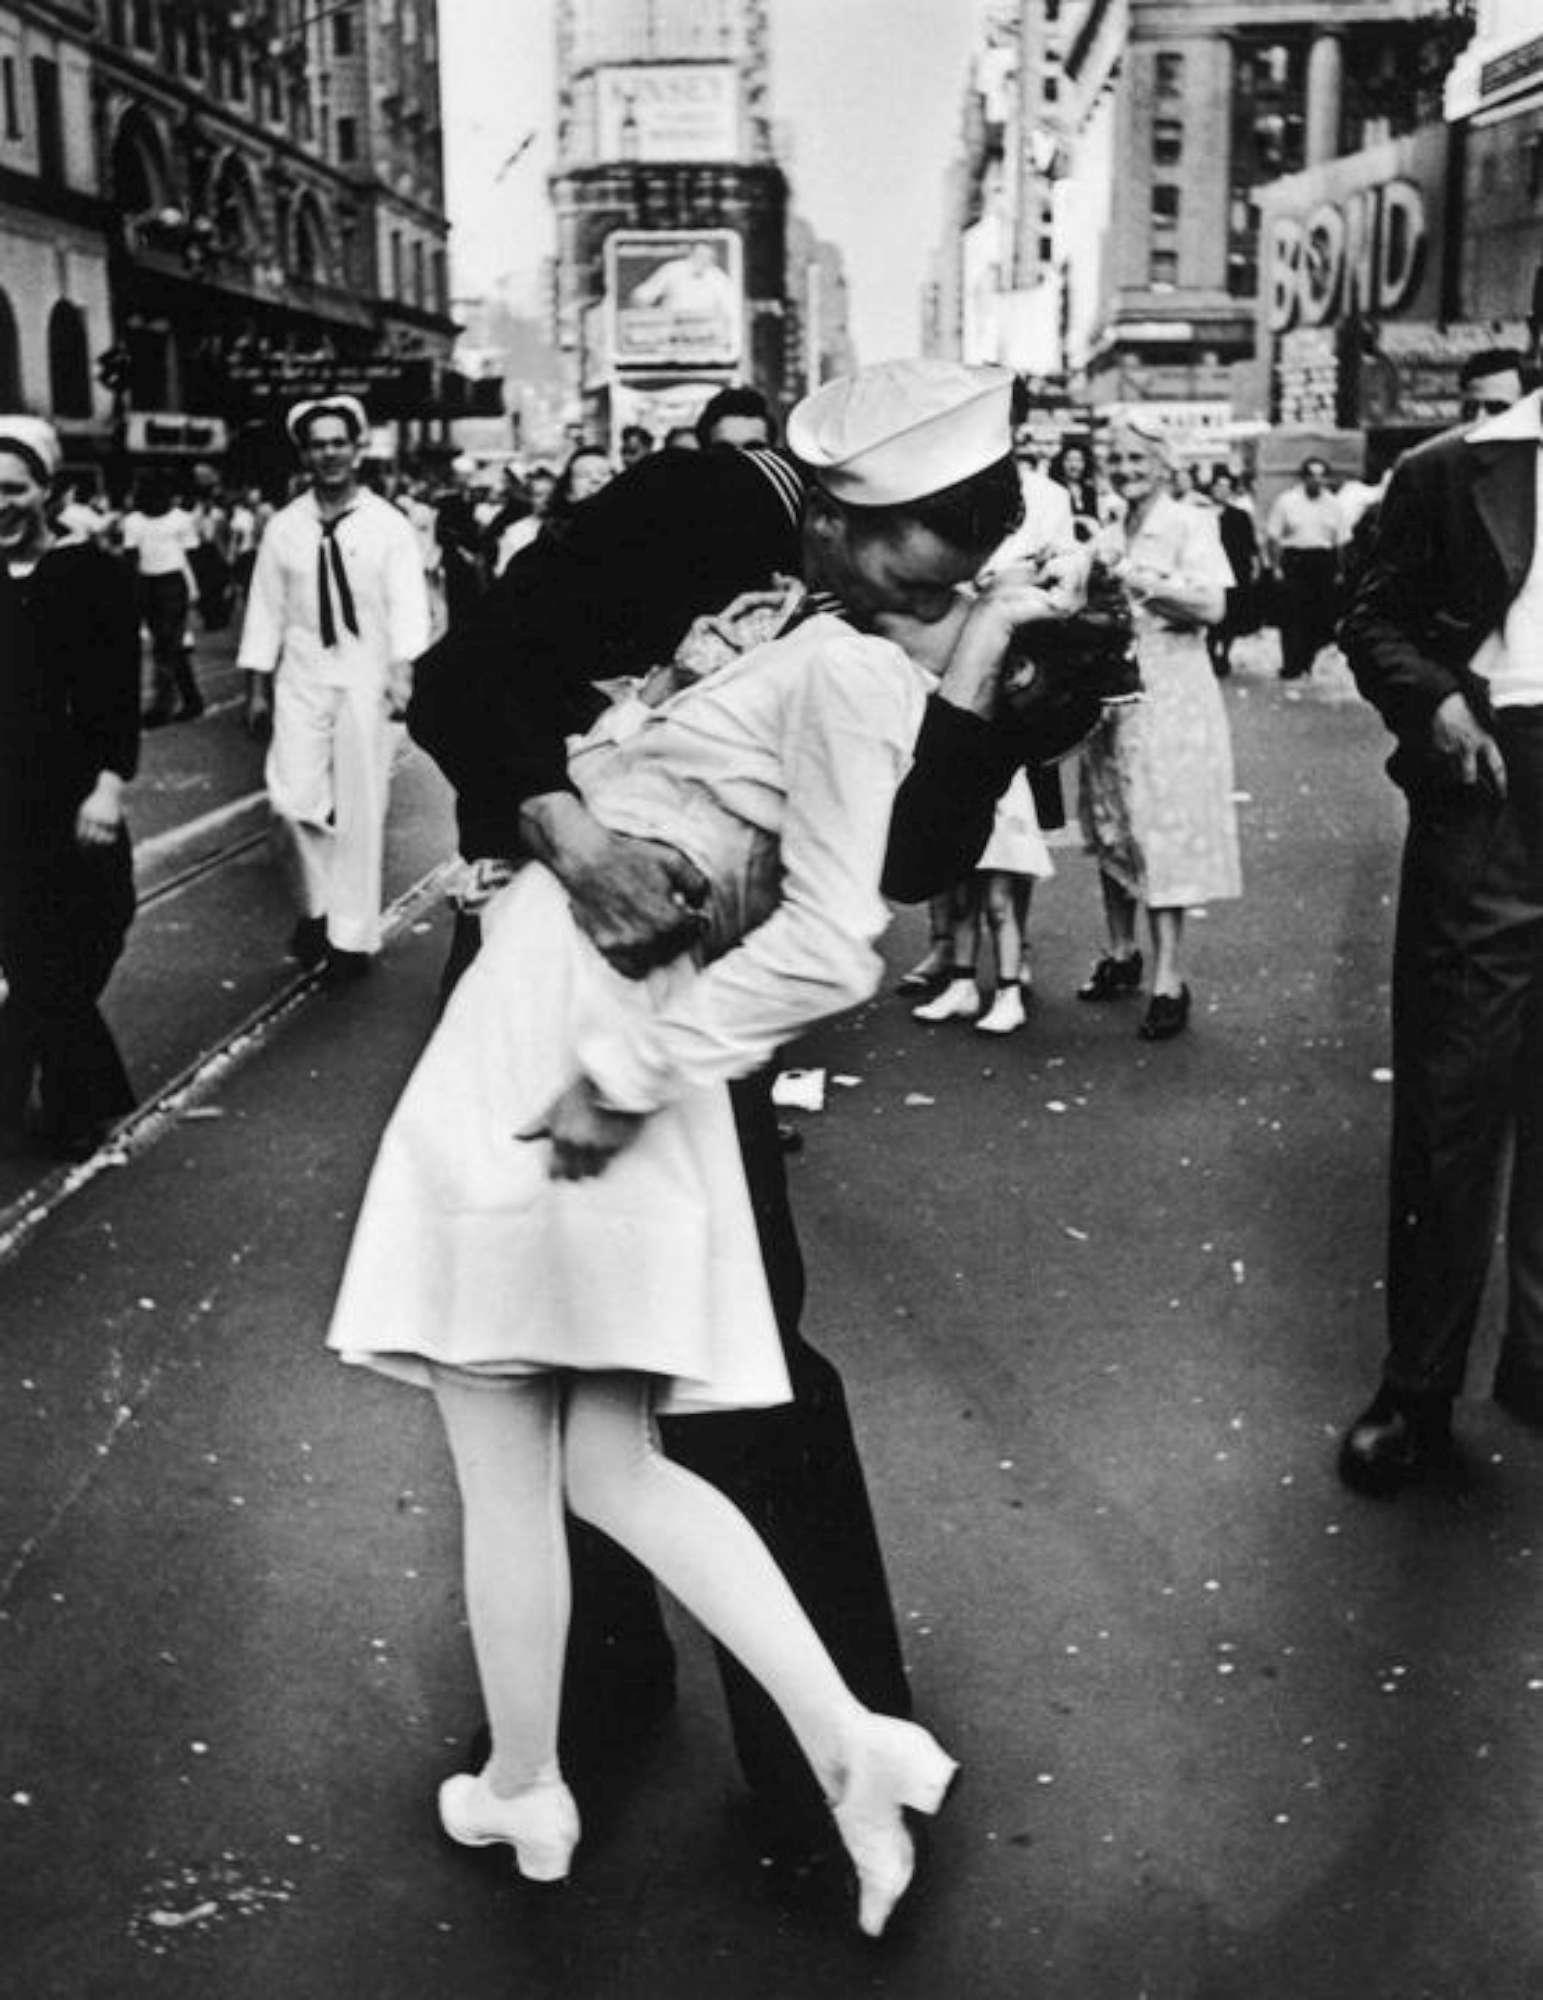 Le foto vintage delle coppie ai tempi della guerra